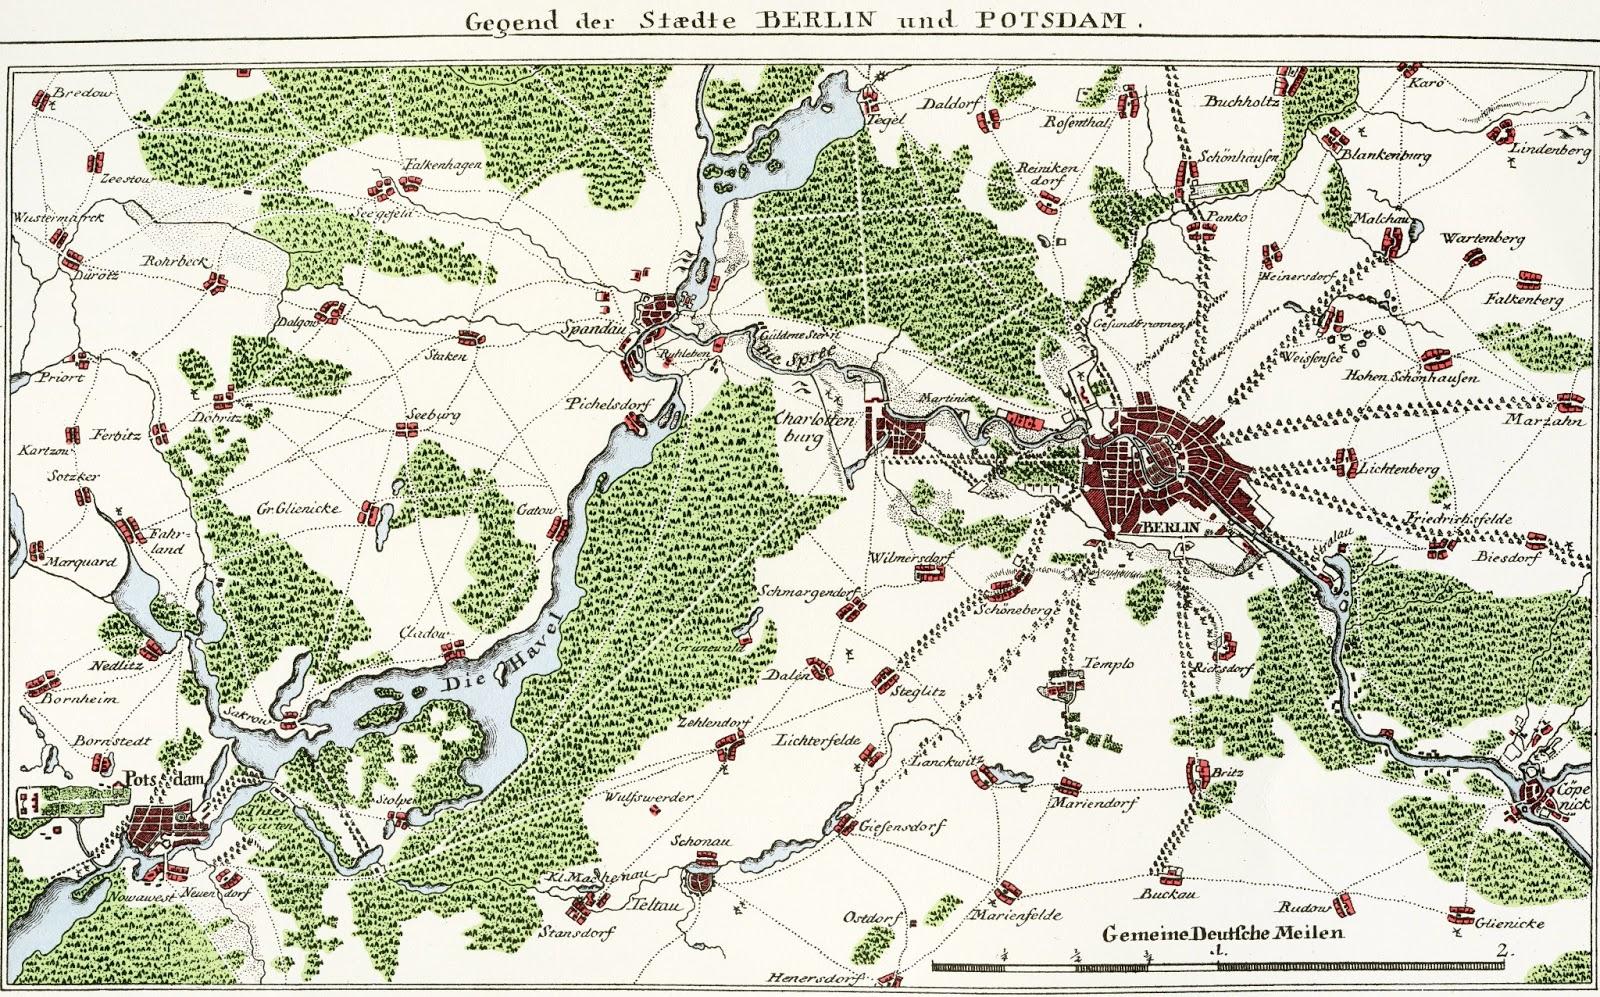 Gegend_der_Staedte_Berlin_und_Potsdam_1768 (1).jpg